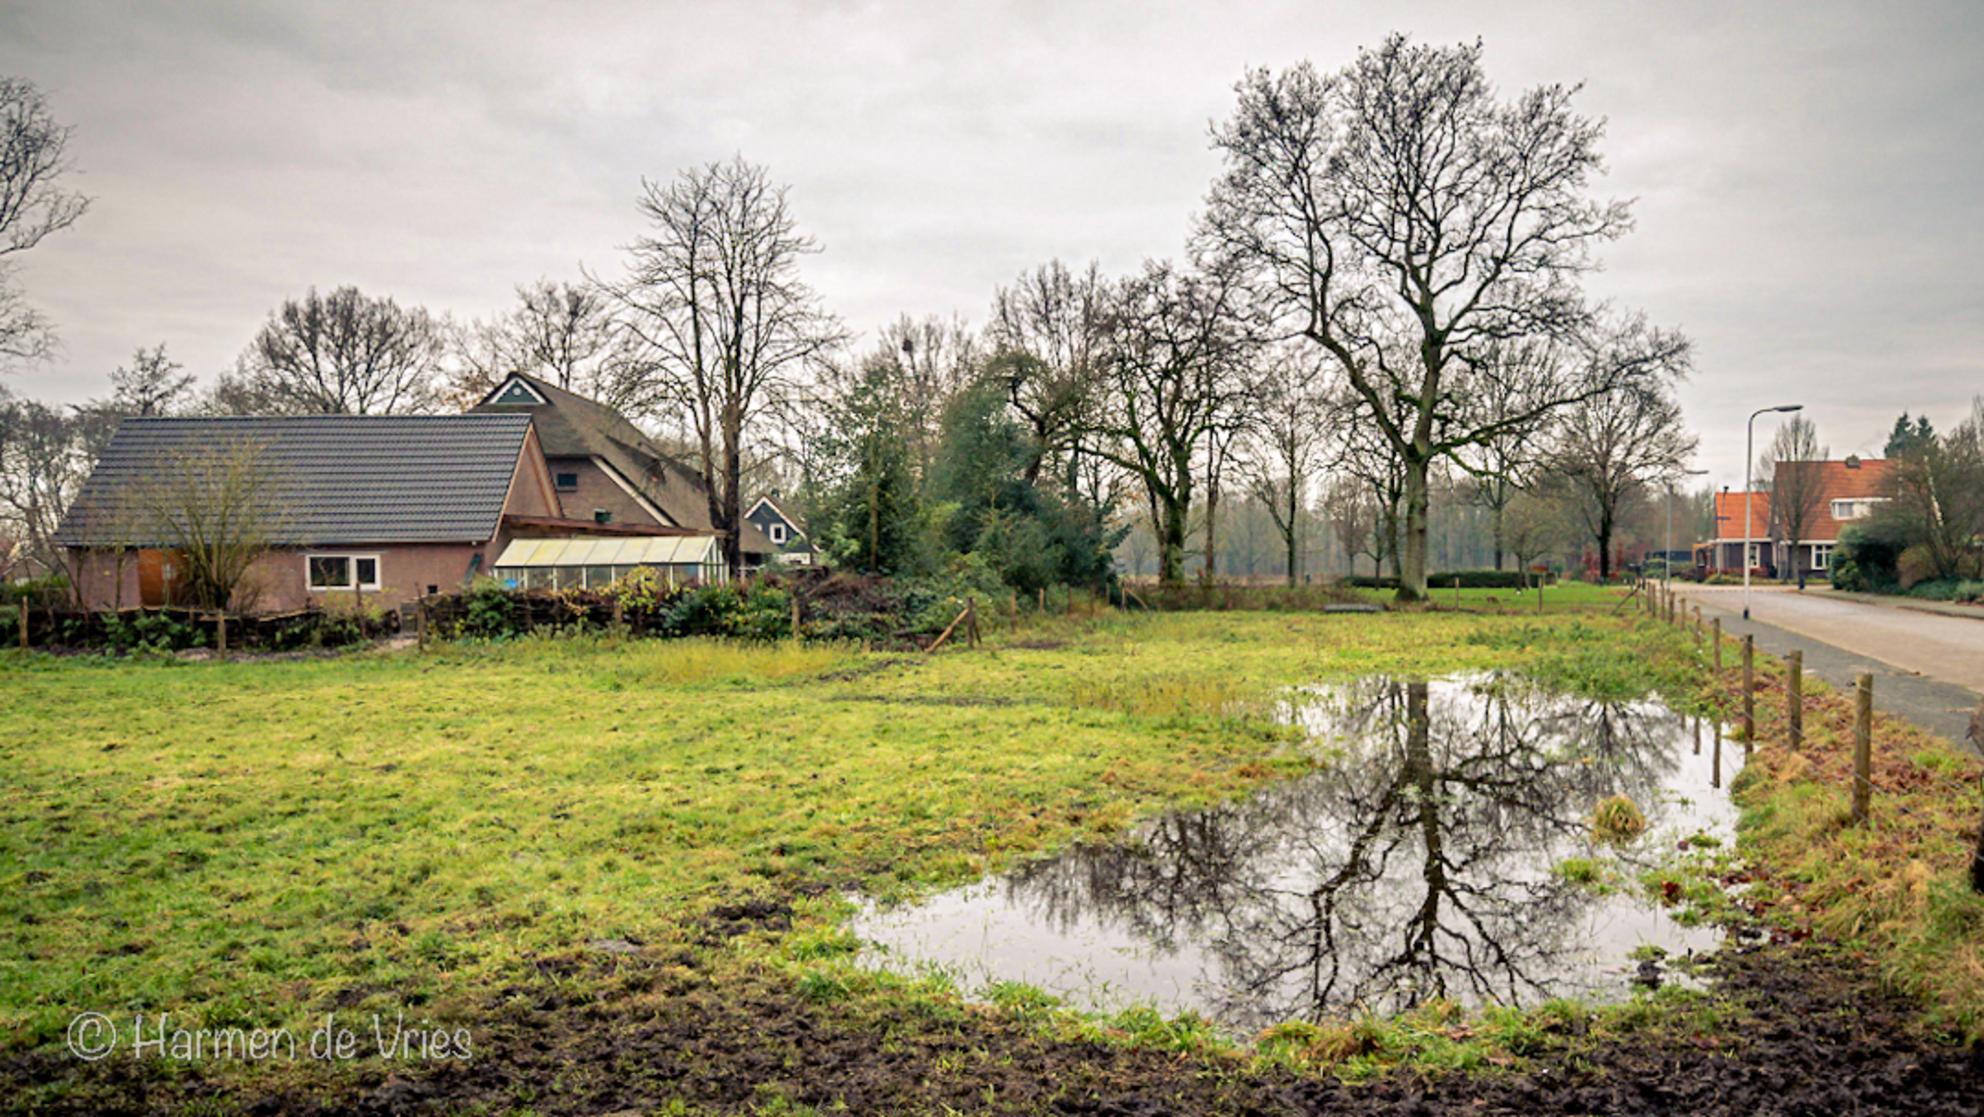 Na regen zijn er plassen - Normaal een droog weiland, sinds deze regenachtige dagen groiet er een steeds groter wordende plas in het weiland. - foto door hjdevries op 08-12-2020 - deze foto bevat: lucht, boom, water, natuur, regen, herfst, landschap, drenthe, nederland, weerspiegeling, assen, plas - Deze foto mag gebruikt worden in een Zoom.nl publicatie